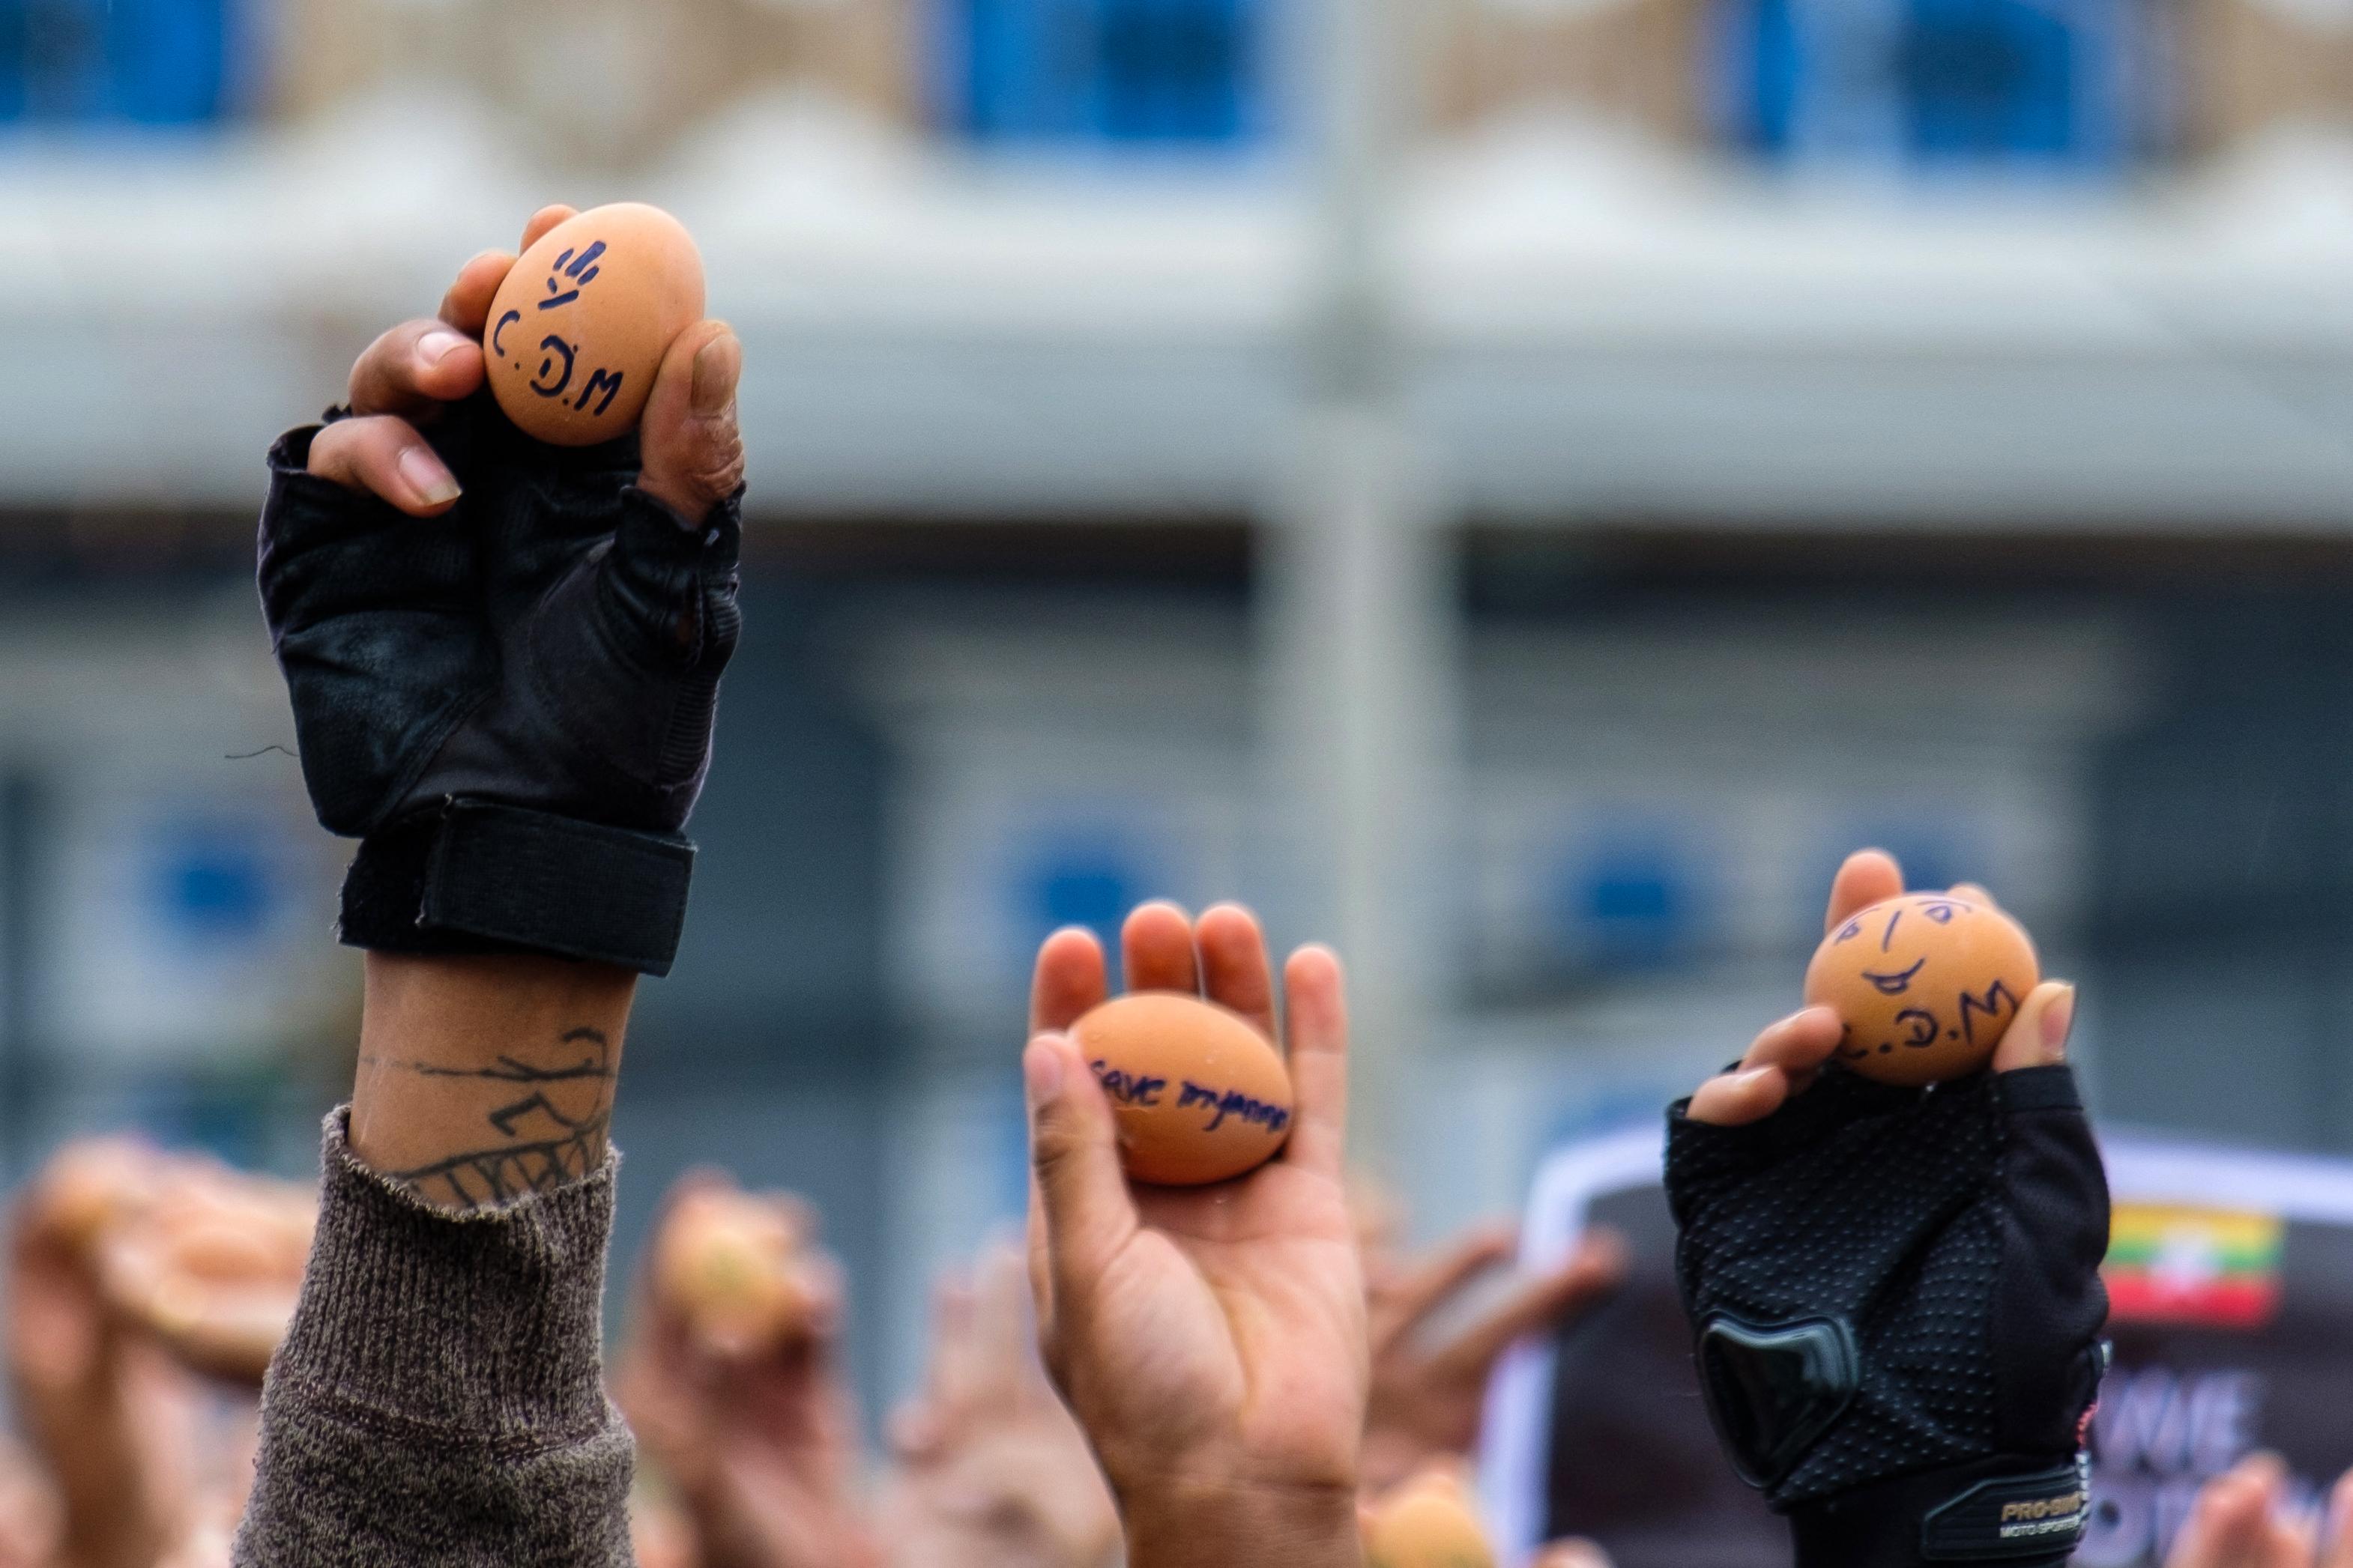 Húsvéti tojásokkal tiltakoznak a puccs ellen a demokráciapárti tüntetők Mianmarban